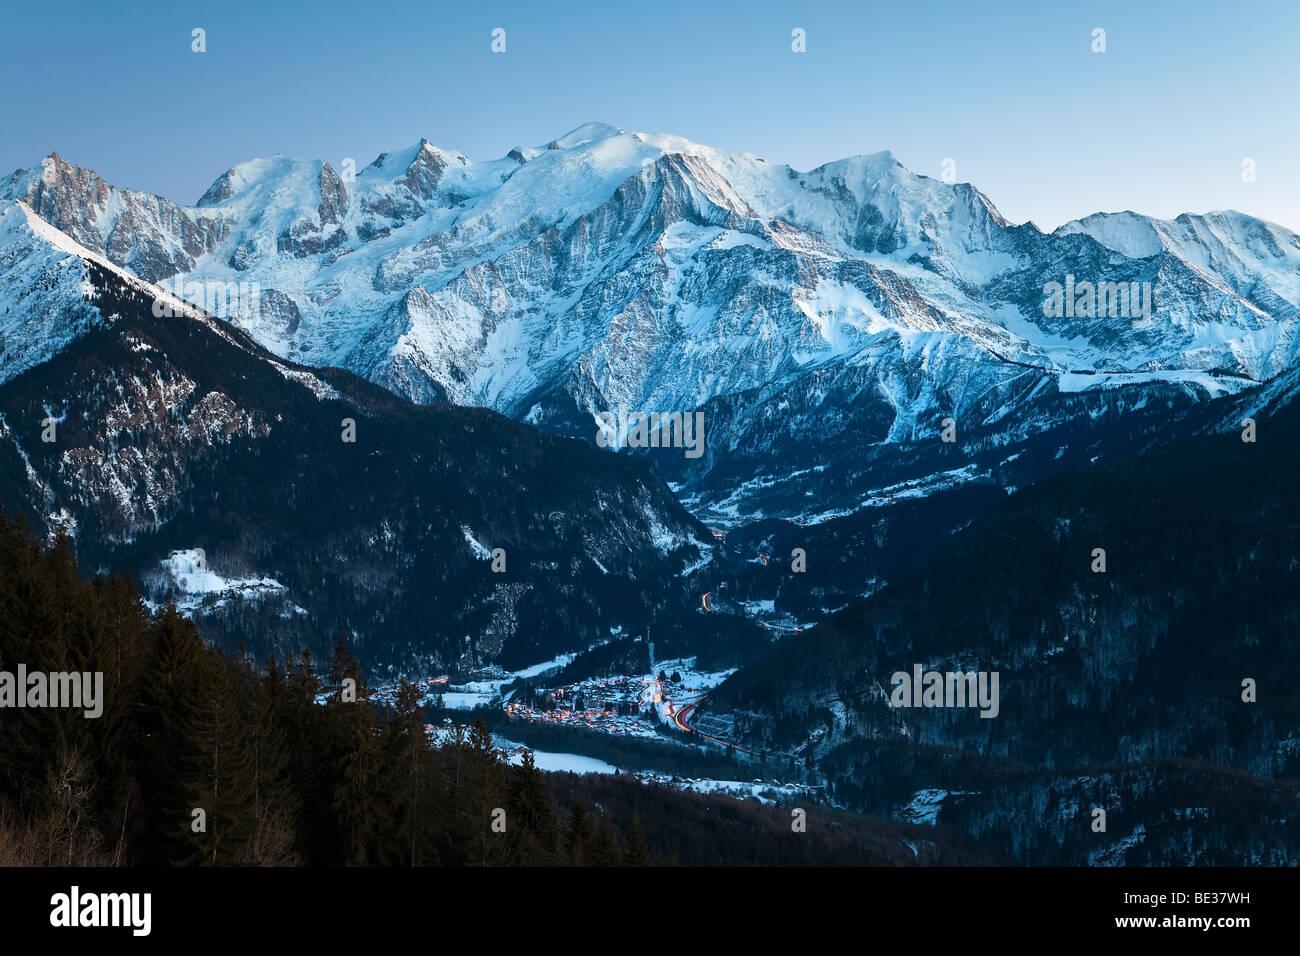 Chamonix-Mont-Blanc, Alpes, Haute Savoie, Chamonix, France Banque D'Images